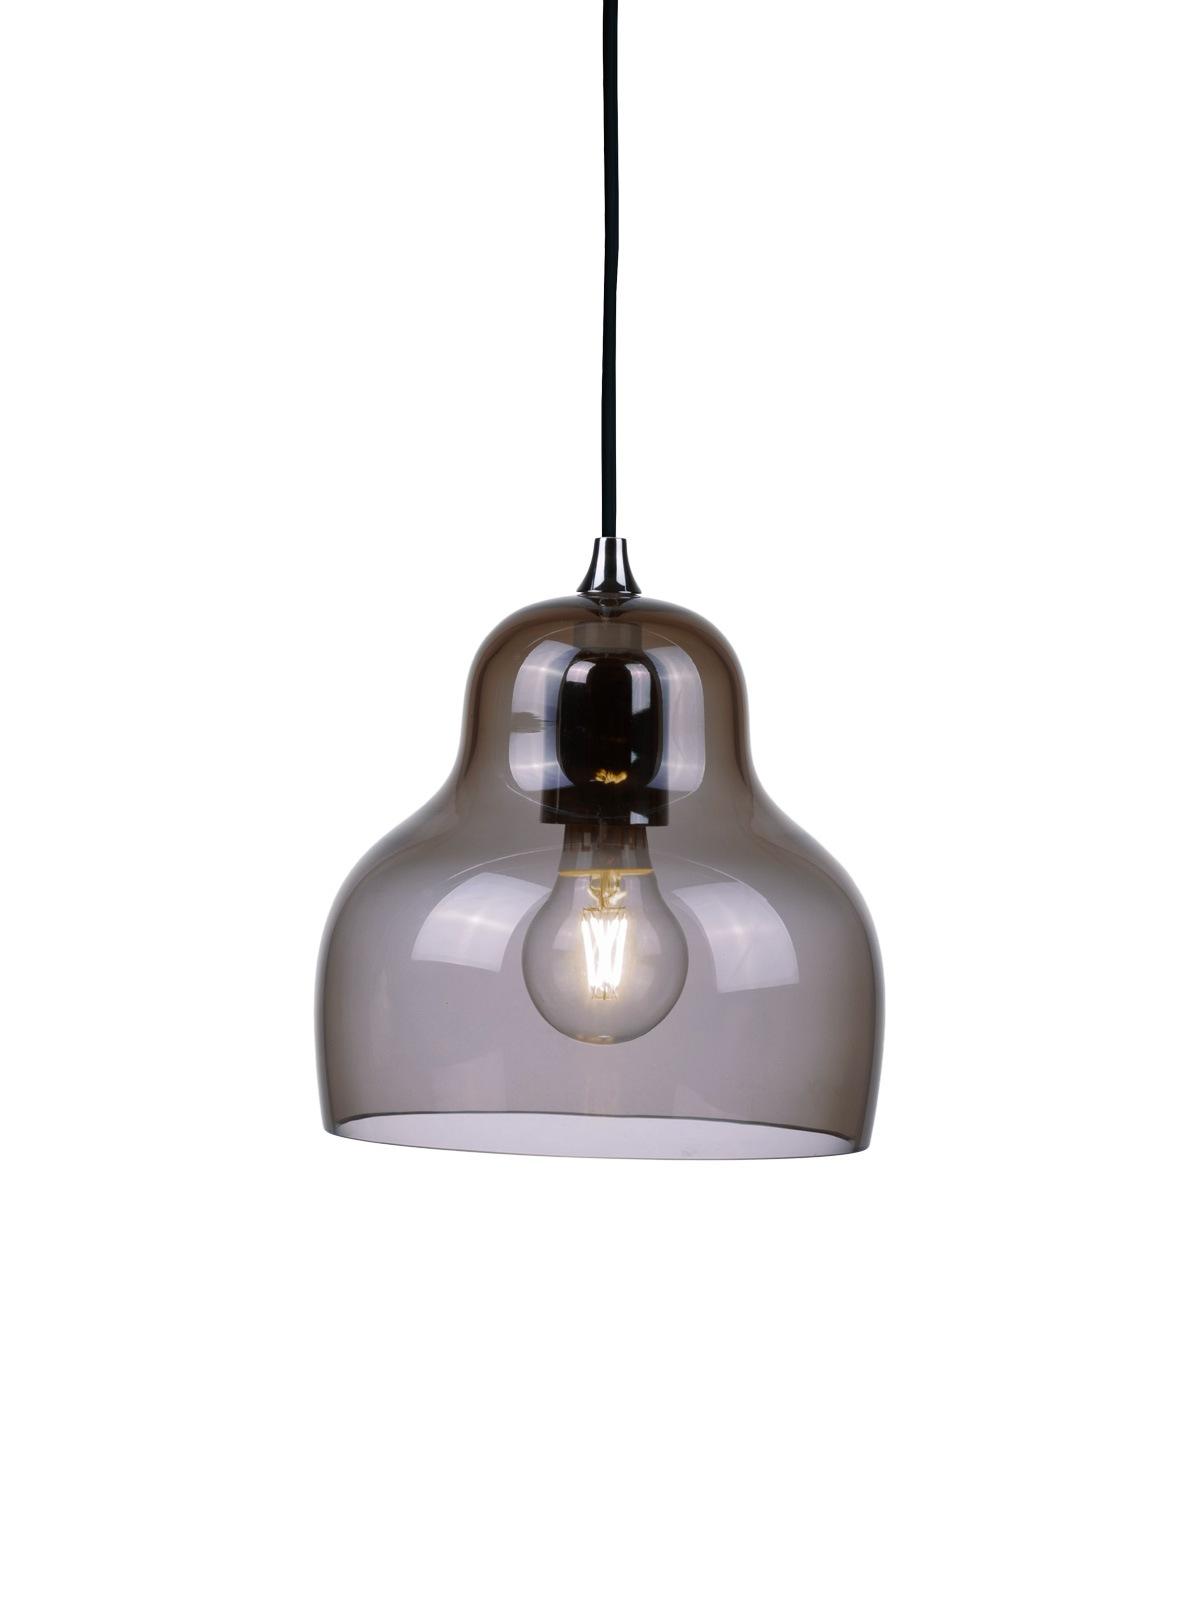 Jelly Leuchten Innermost Designort Lampen Berlin Onlineshop